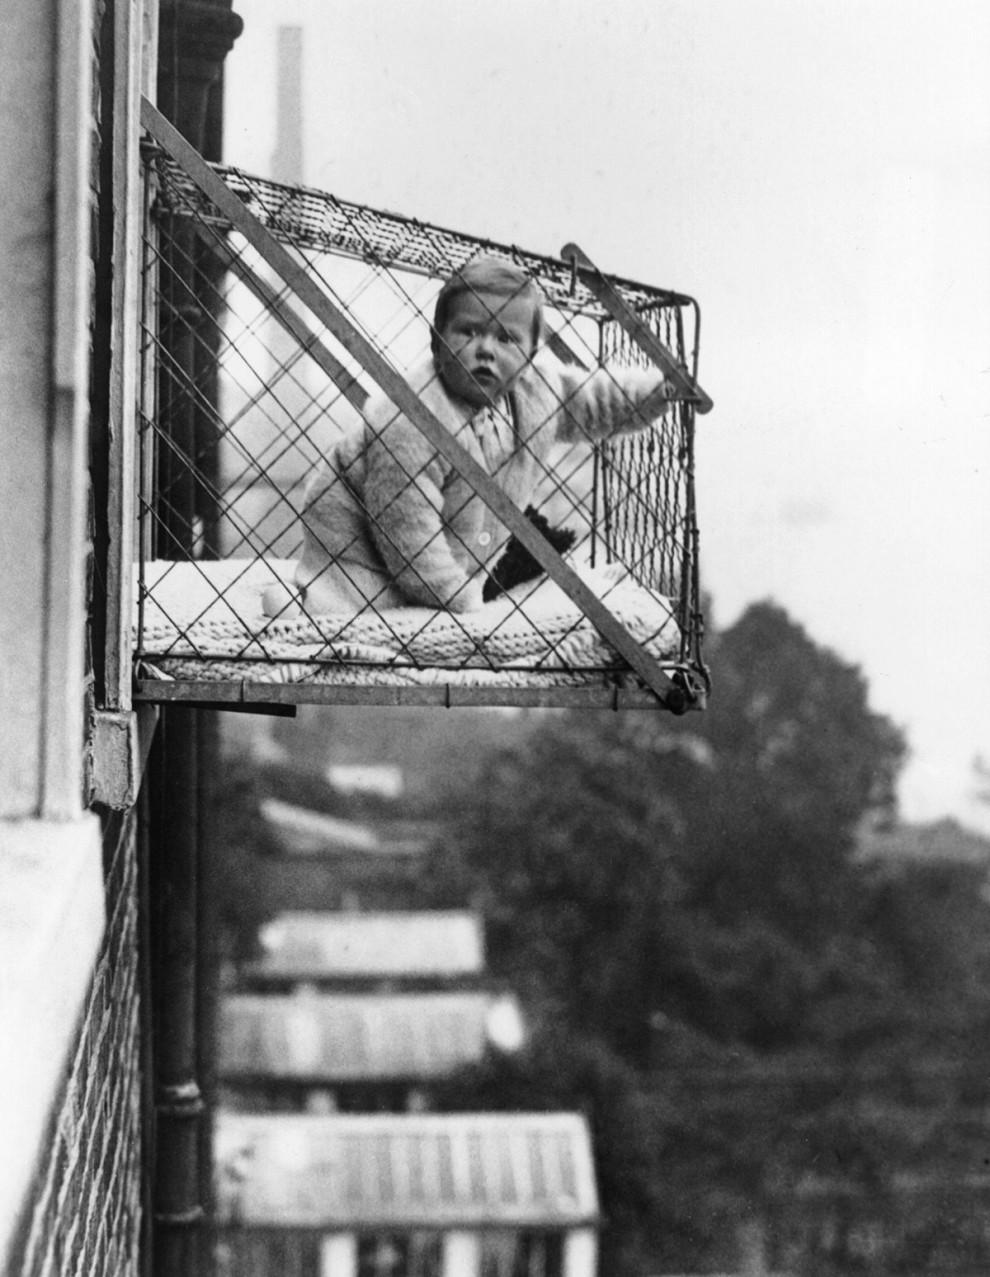 قفس کودکان که به پنجره وصل می شود - 1934